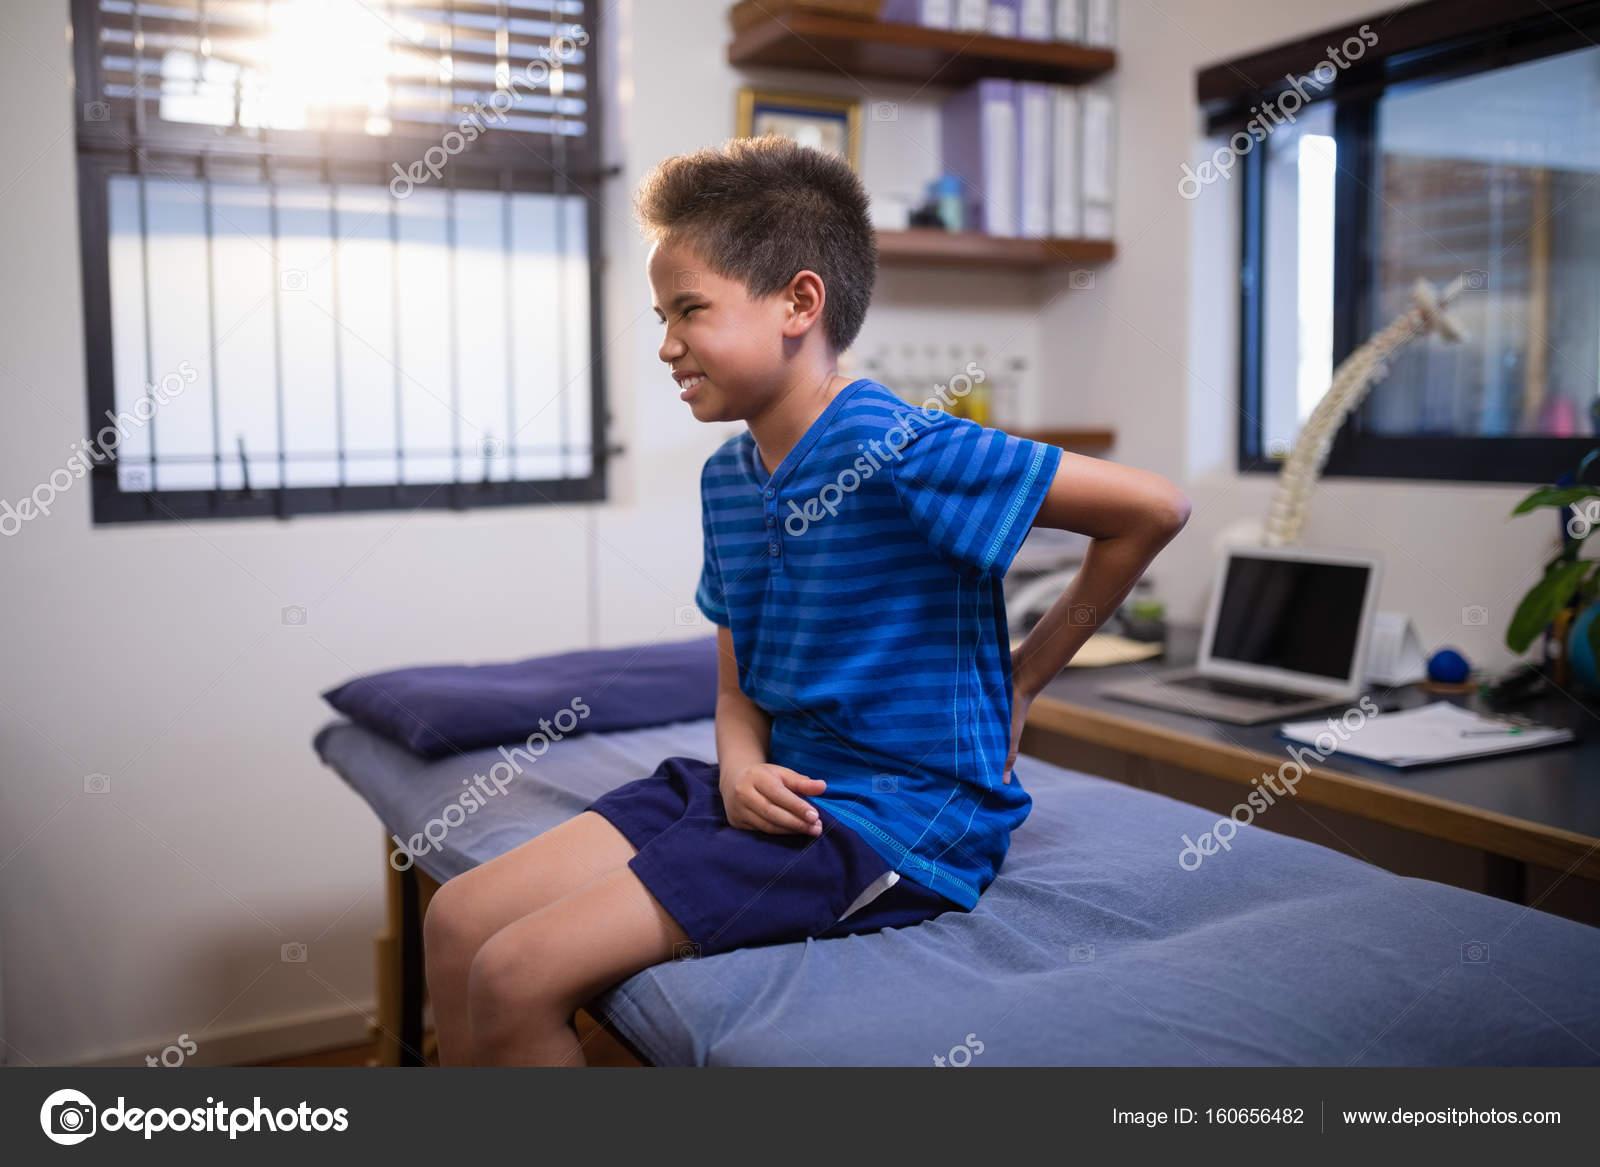 Ragazzo accigliato con mal di schiena - Foto Stock..